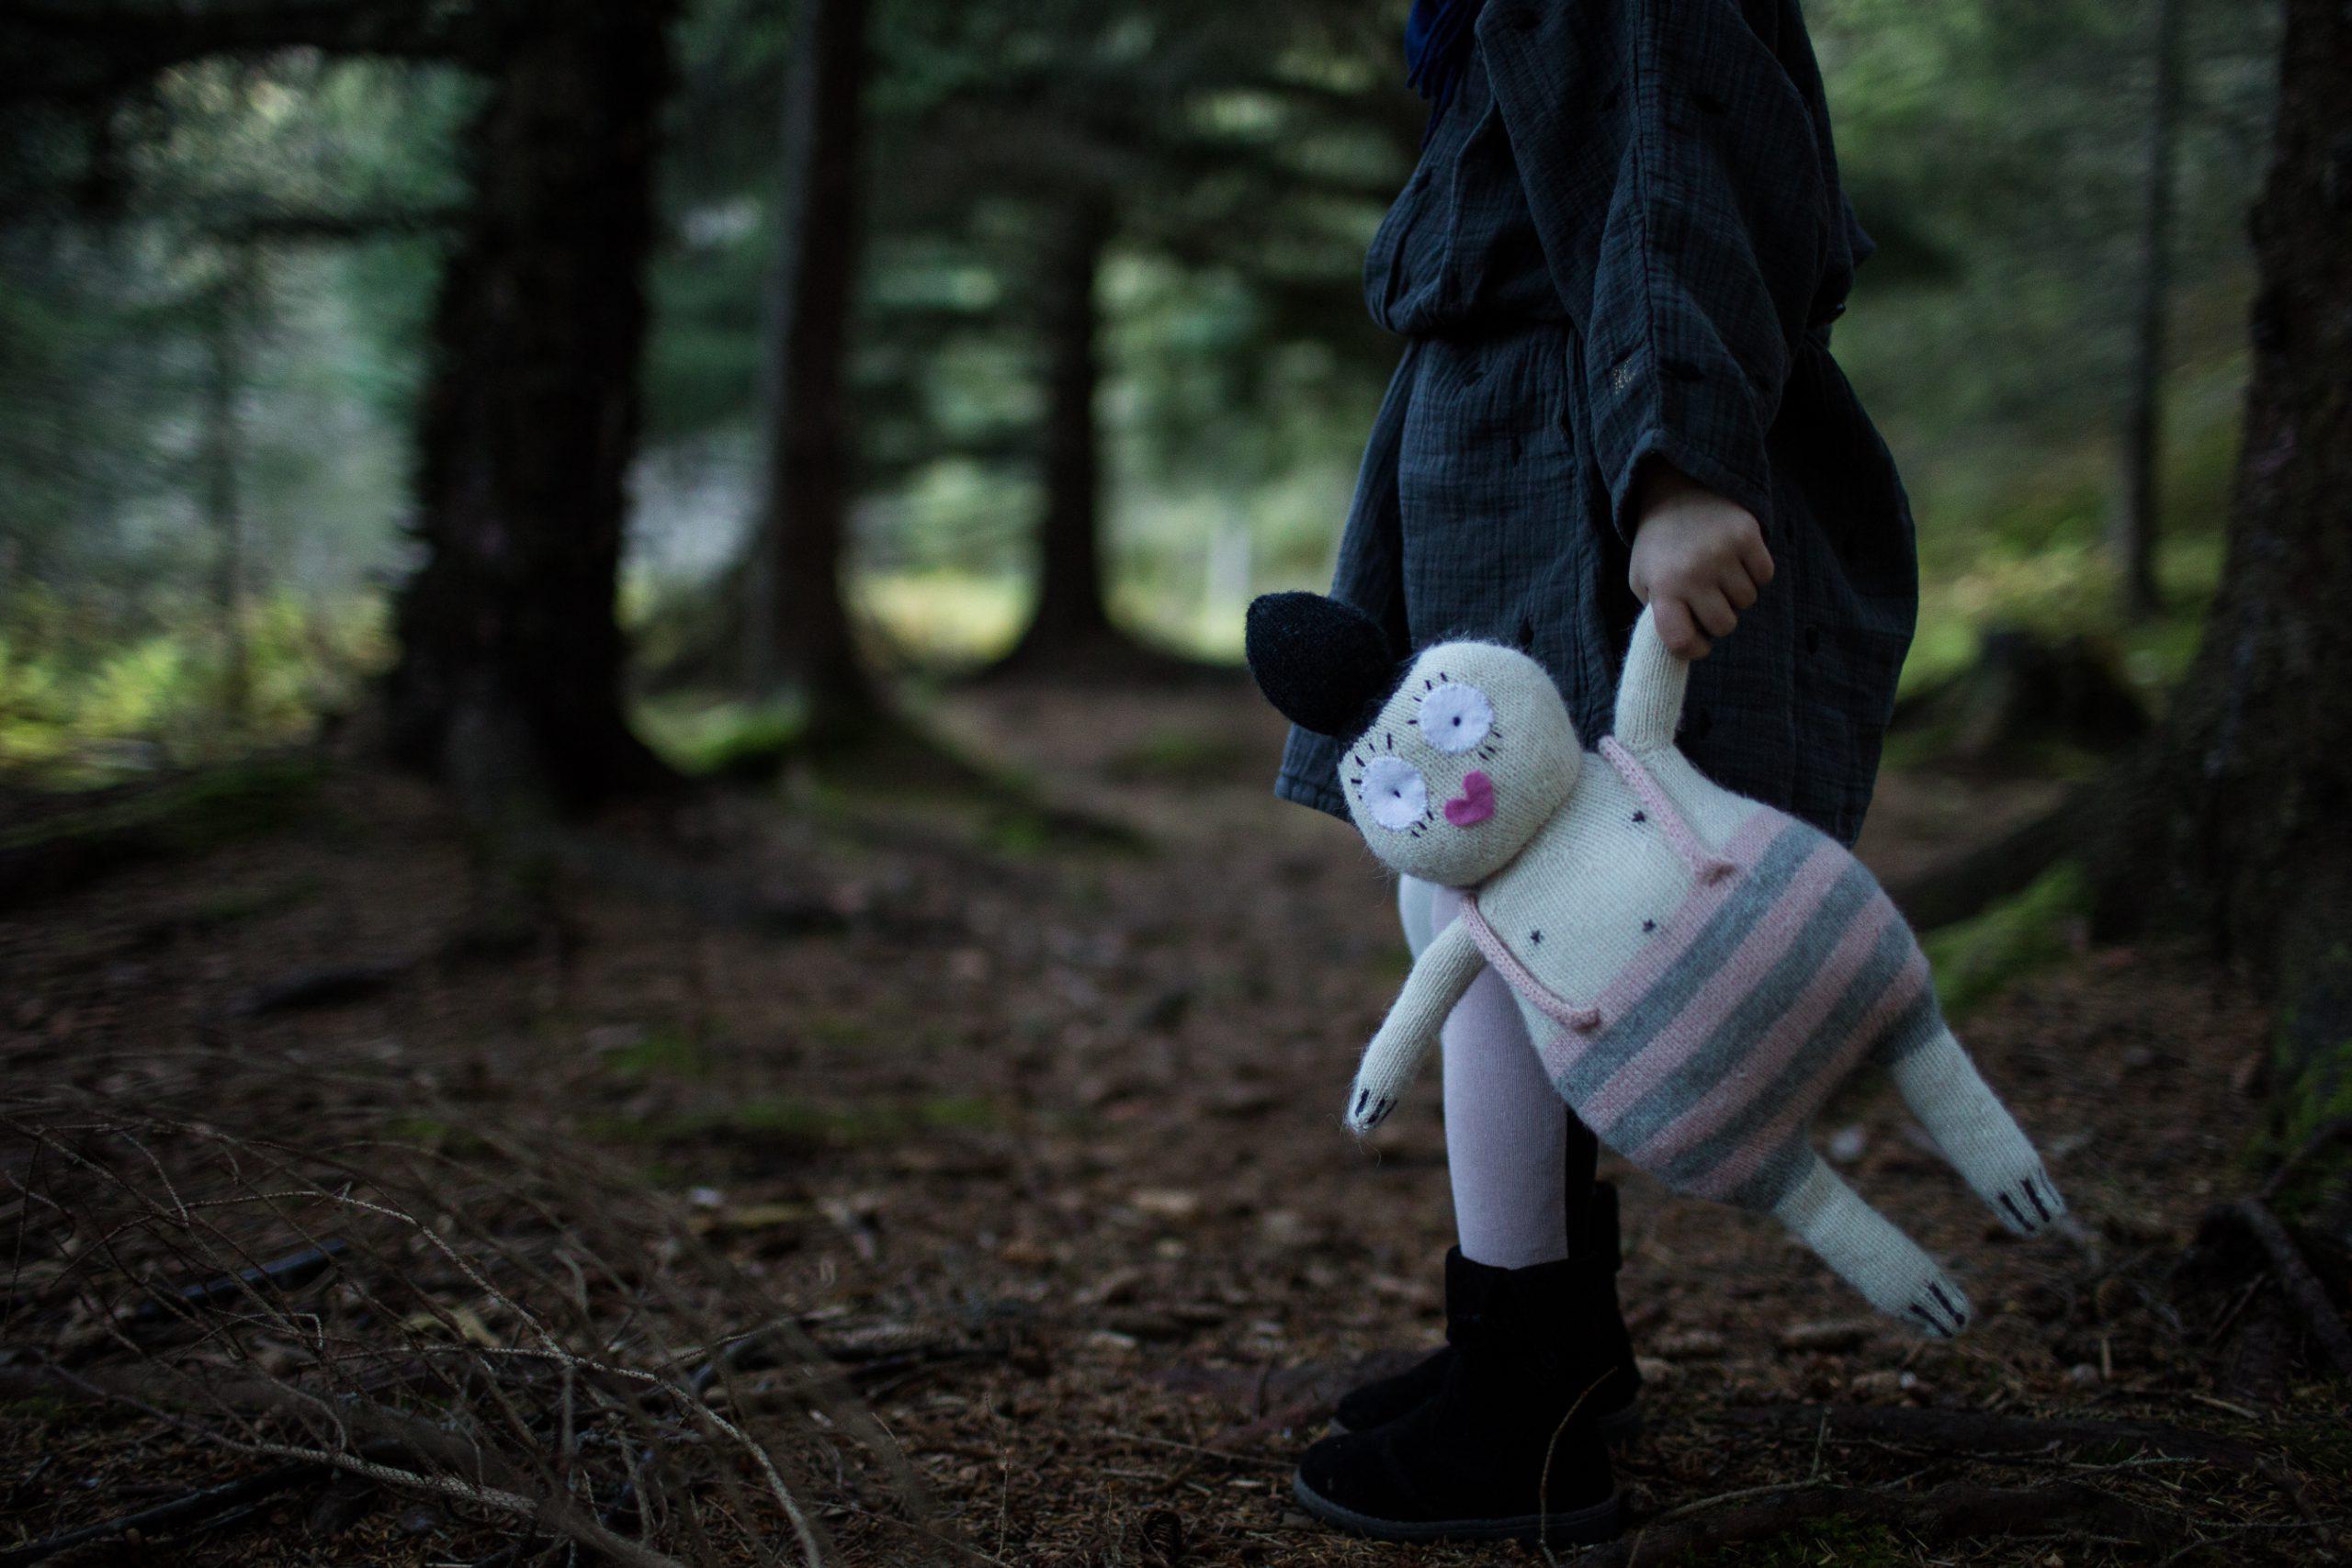 doll, plush toy, kosedyr, nyfødtgave, dåpsgave, stuffed animal